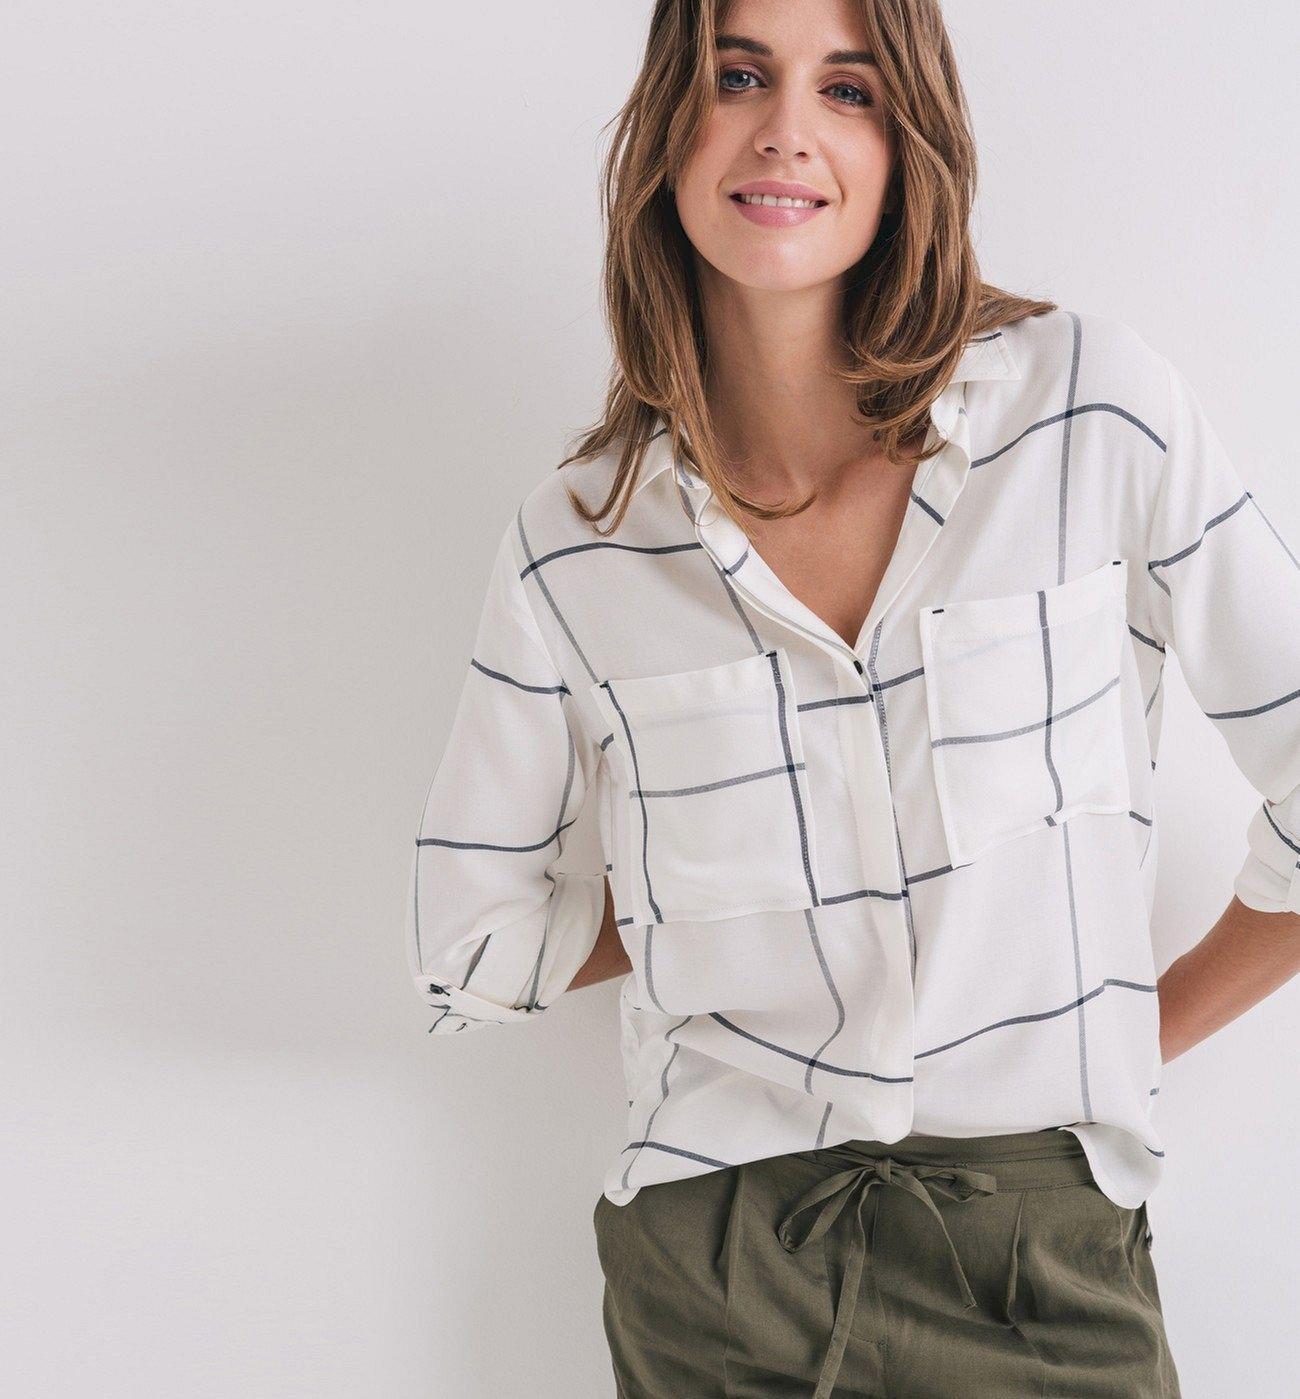 image24-15   Офисный стиль: как носить рубашку и не выглядеть скучной